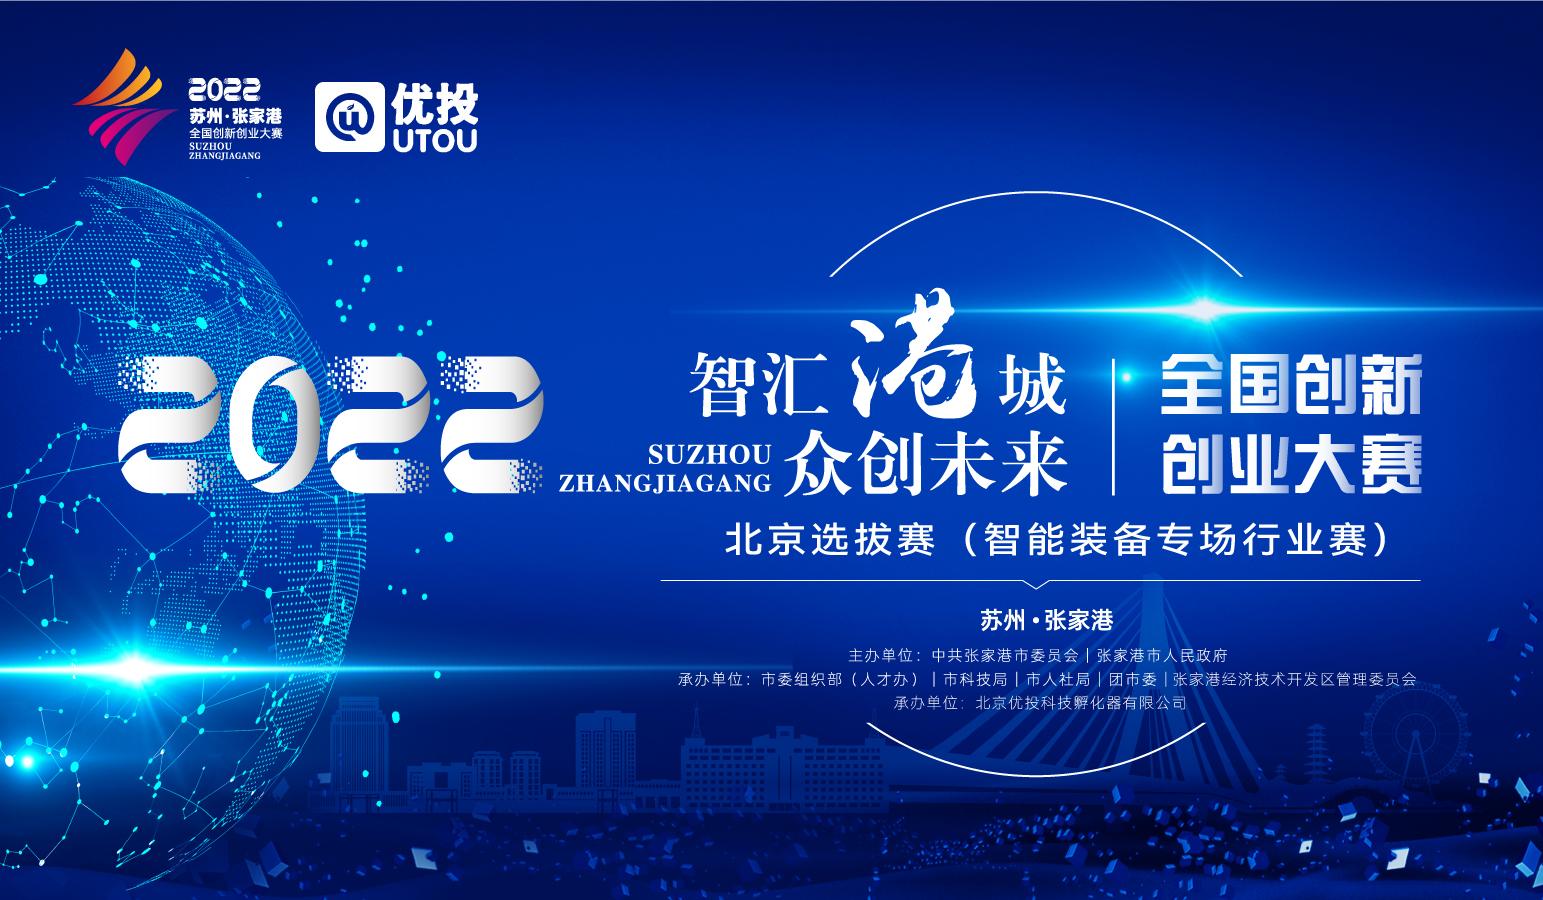 【12月下旬】2022苏州·张家港全国创新创业大赛·北京选拔赛(智能装备专场行业赛)报名开启!